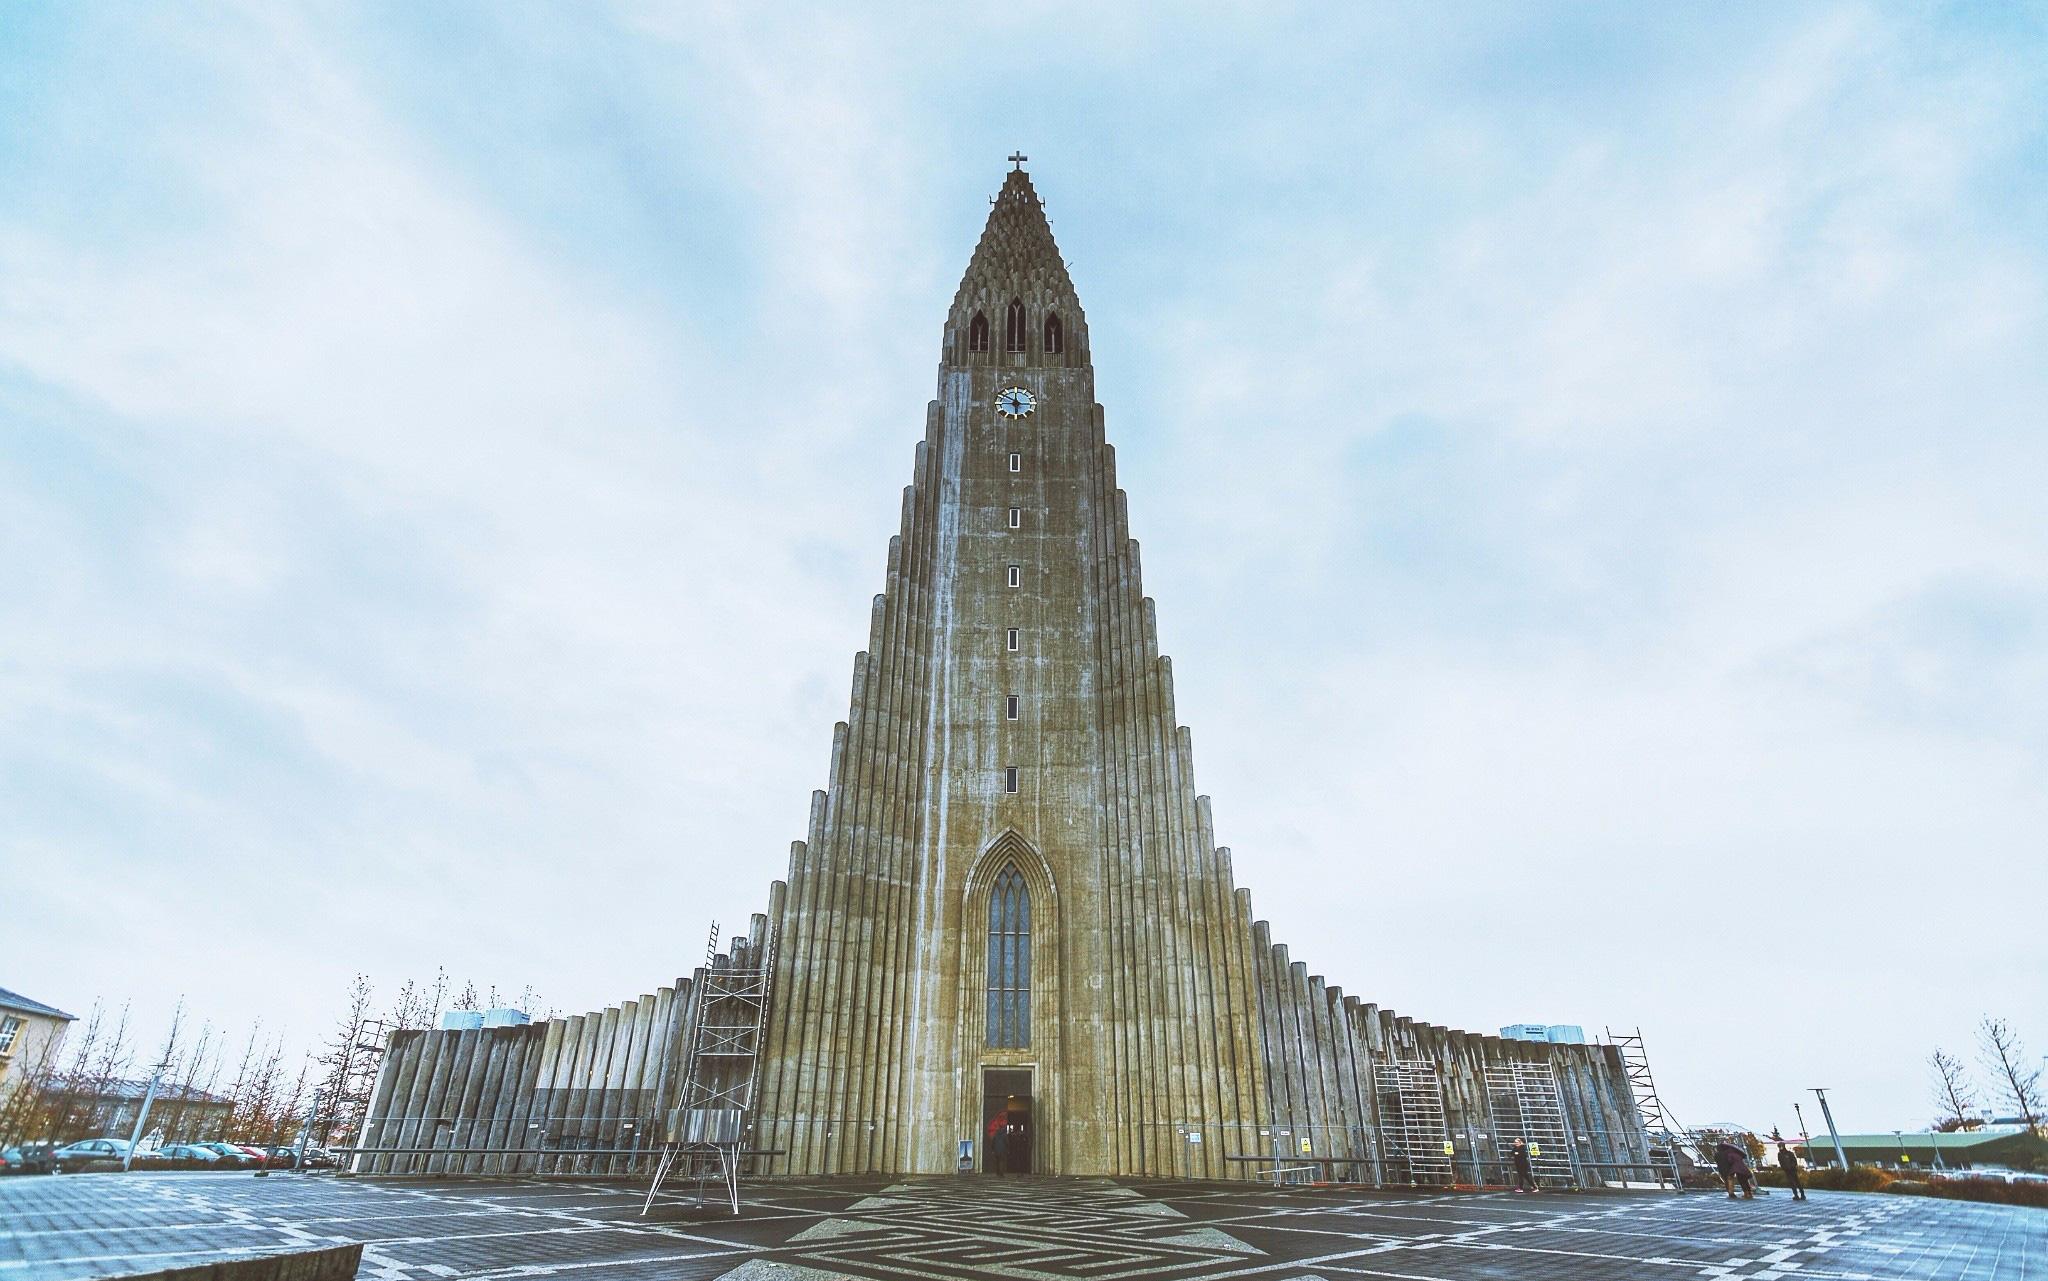 【冰岛概况】冰岛景点指南 - 蚂蜂窝